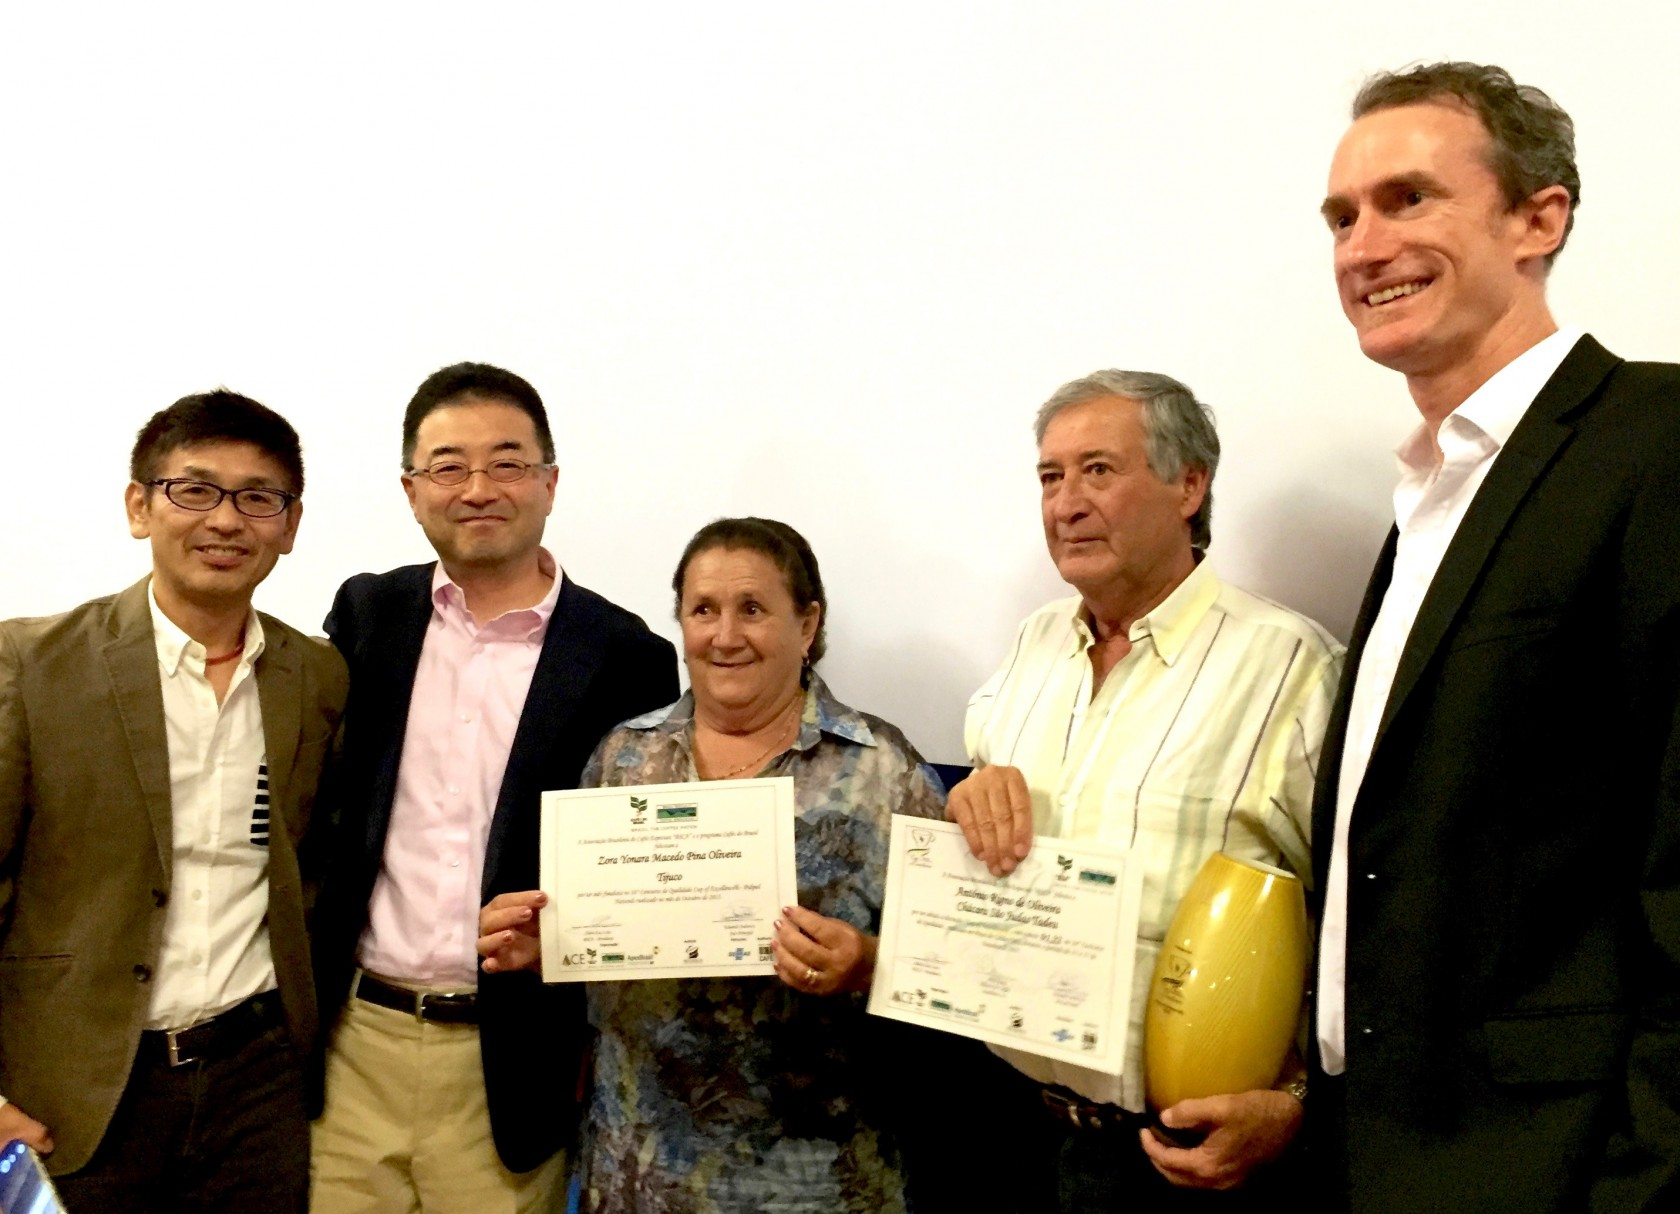 優勝農園タデウの農園主ご夫妻、COE主催団体ACE理事のWill Young氏、国際審査員三浦さんと。